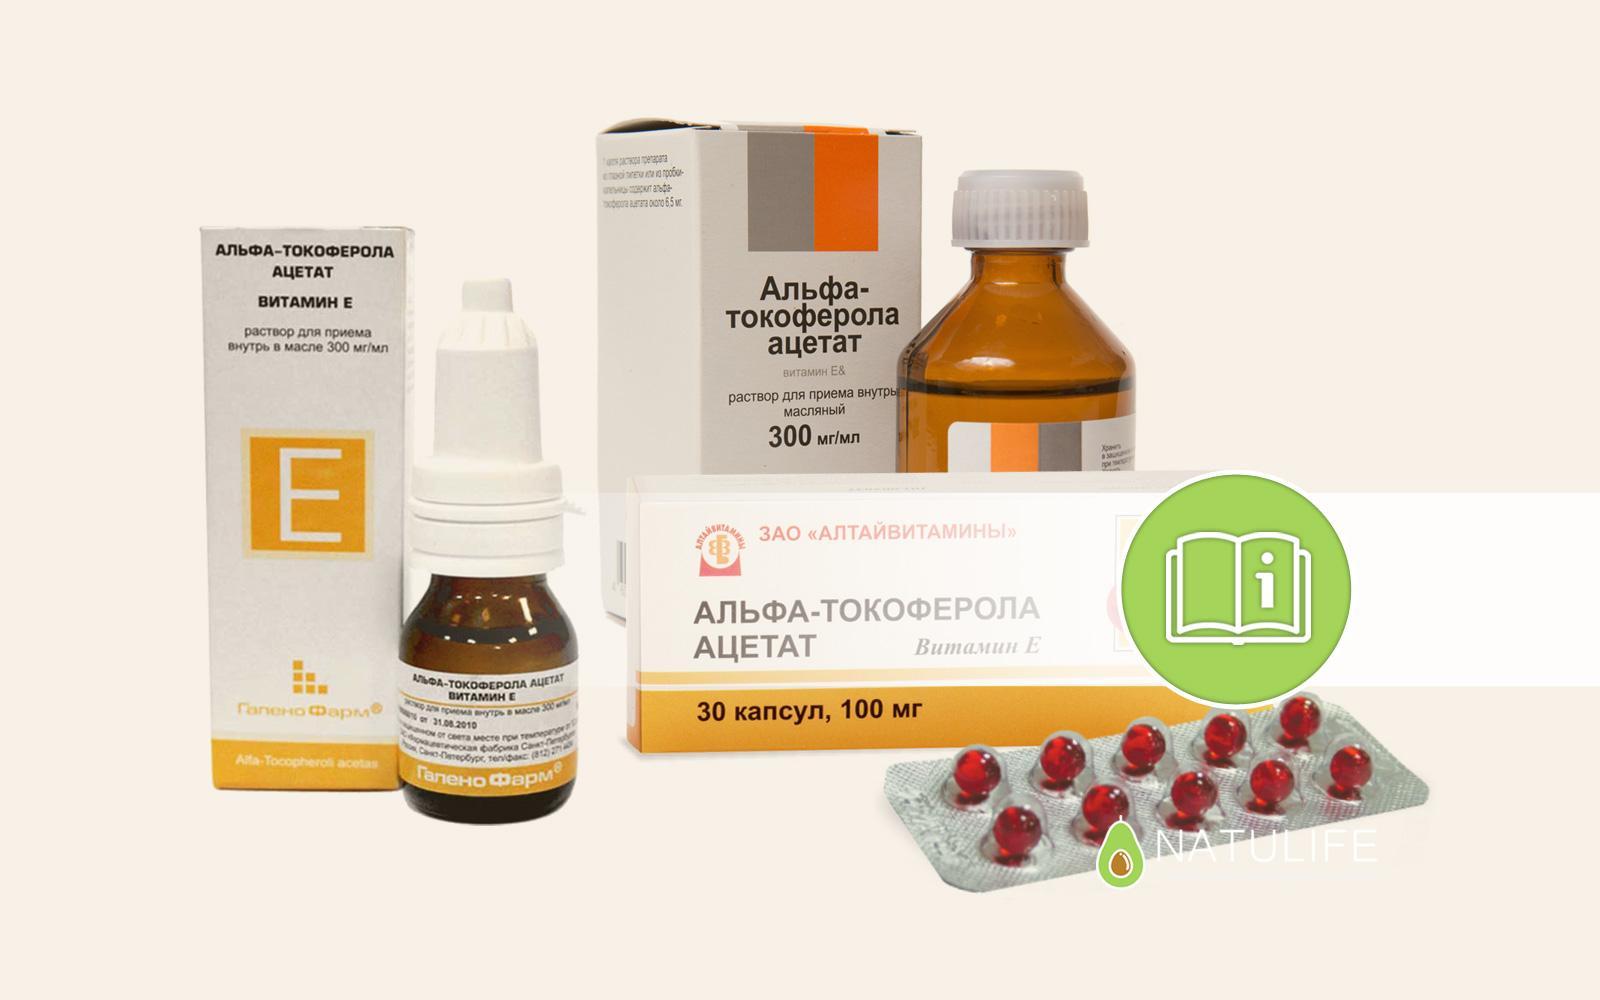 Токоферола альфа ацетат (витамин е) - инструкция по применению для здоровья, лица, волос